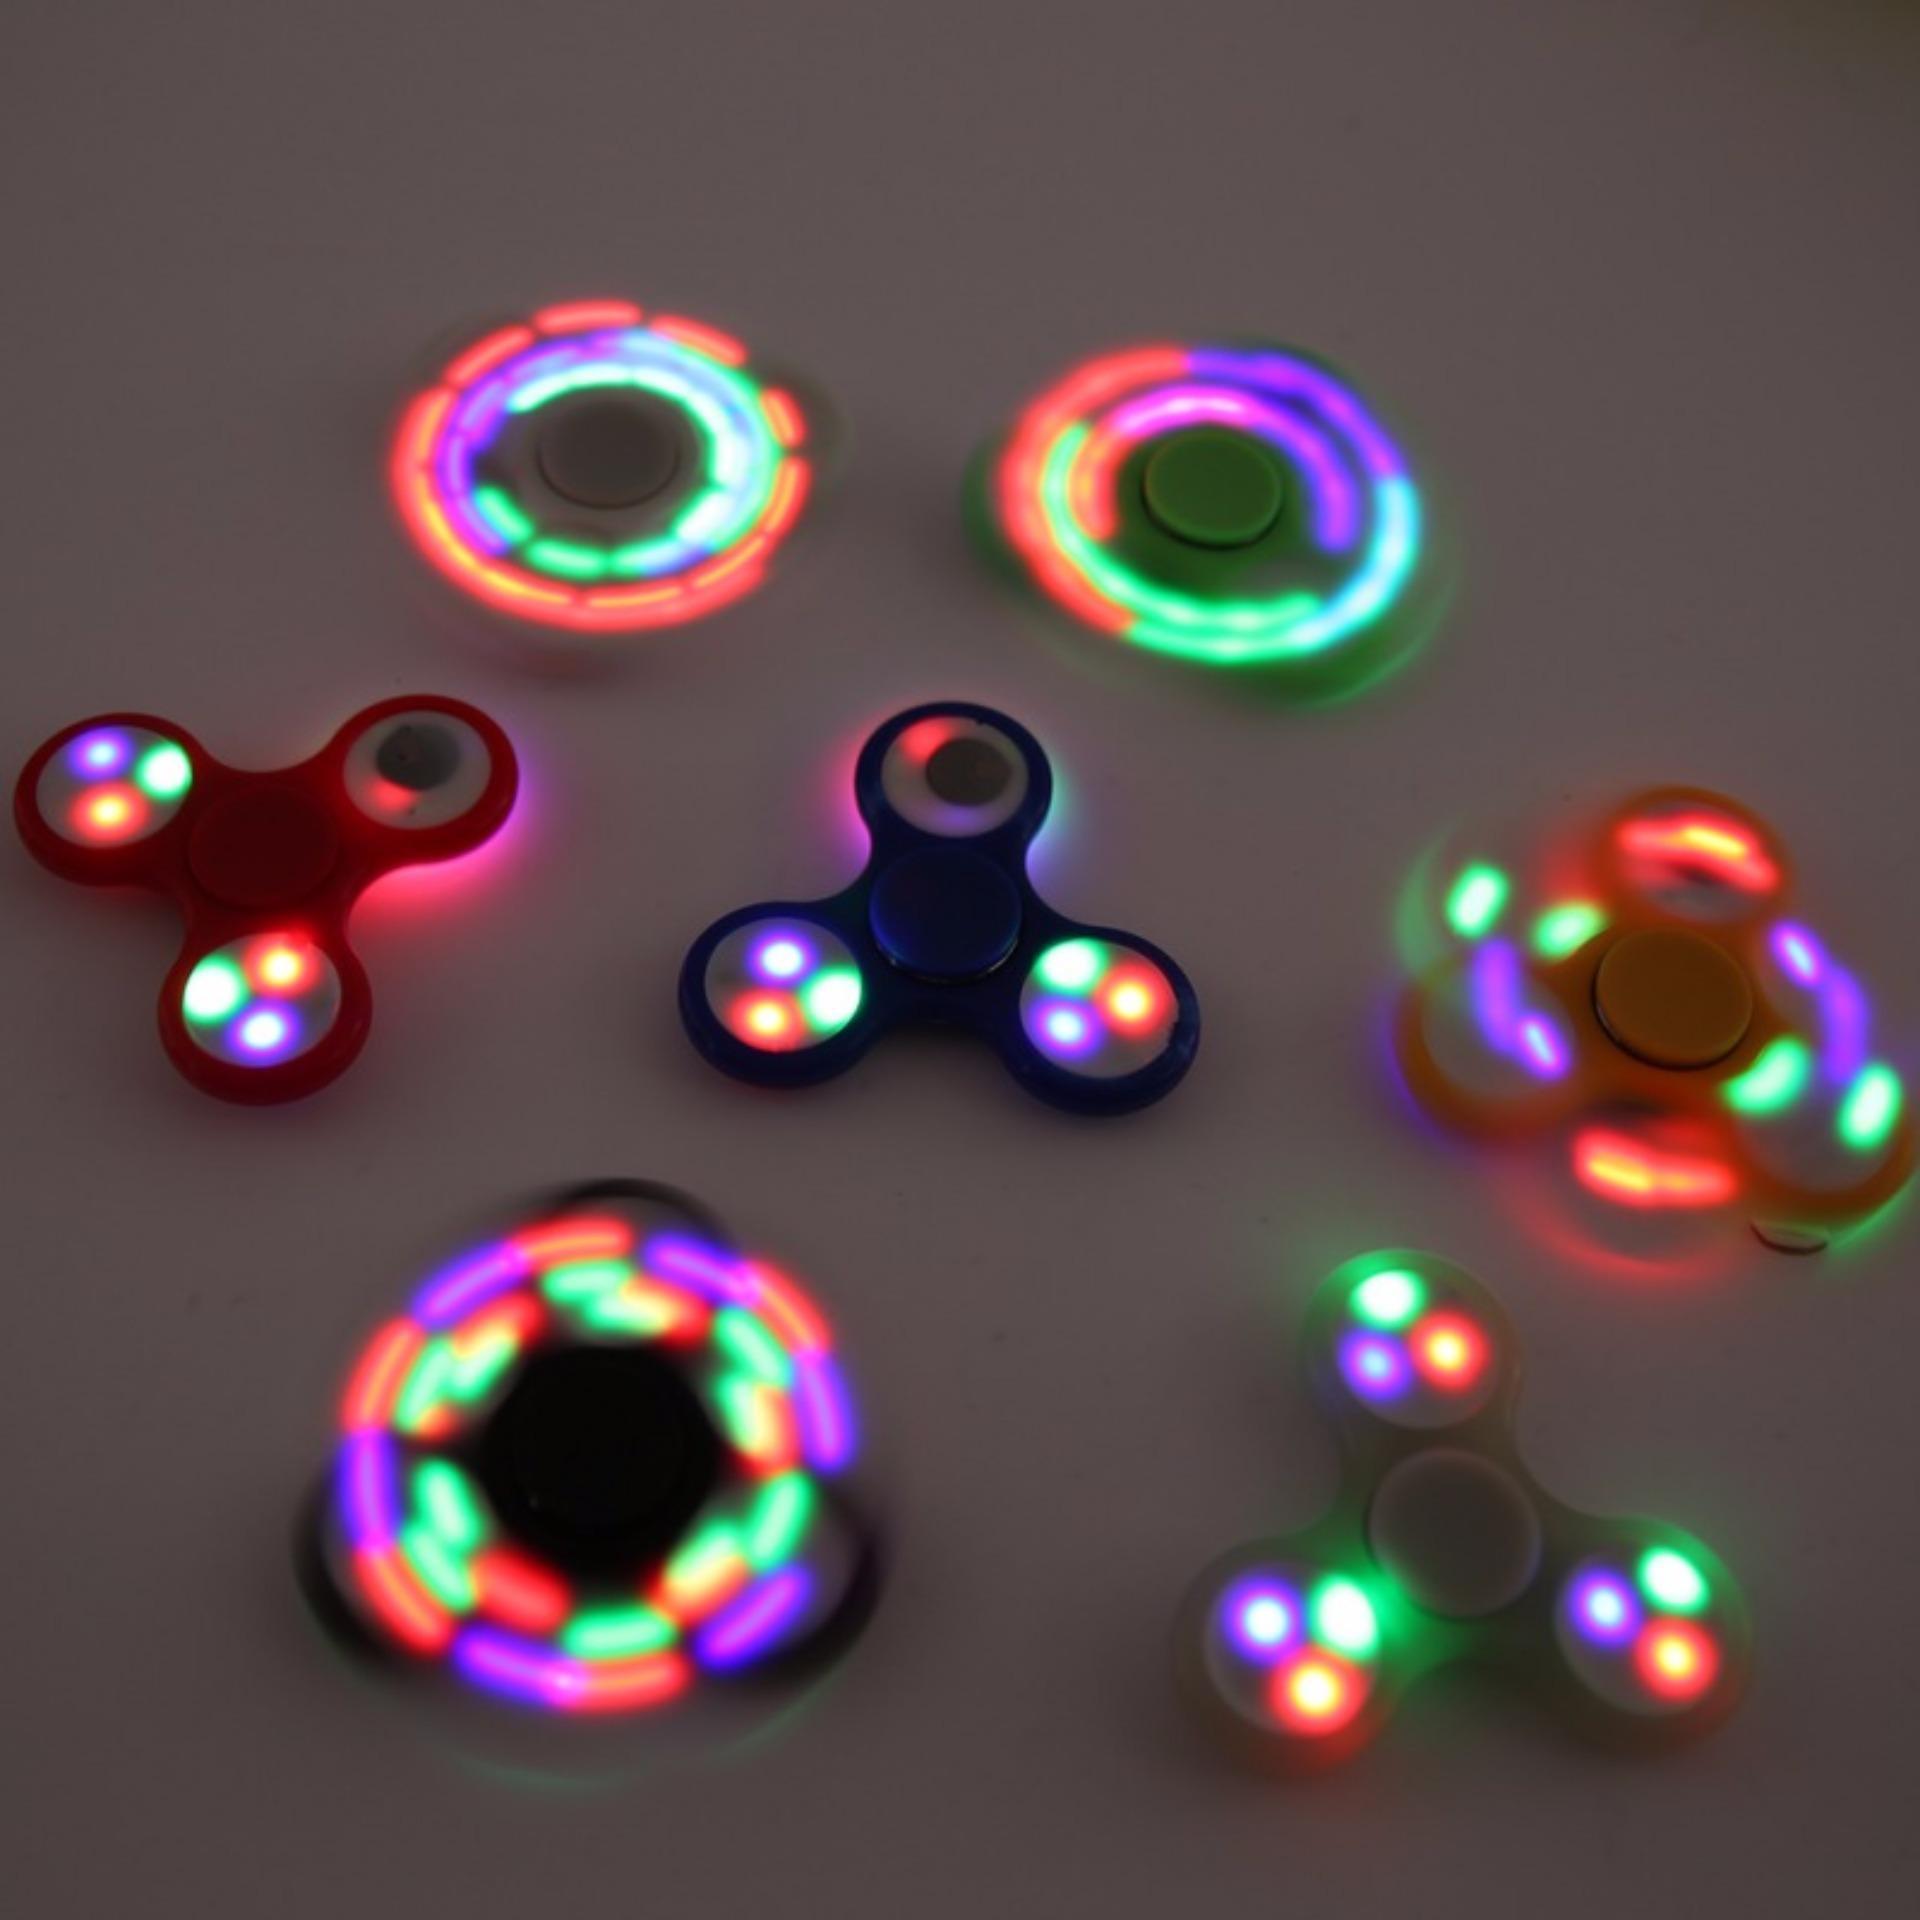 ... ANGEL LED Fidget Spinner Hand Toys Mainan Tri-Spinner EDC Ceramic Ball Focus Games Penghilang ...